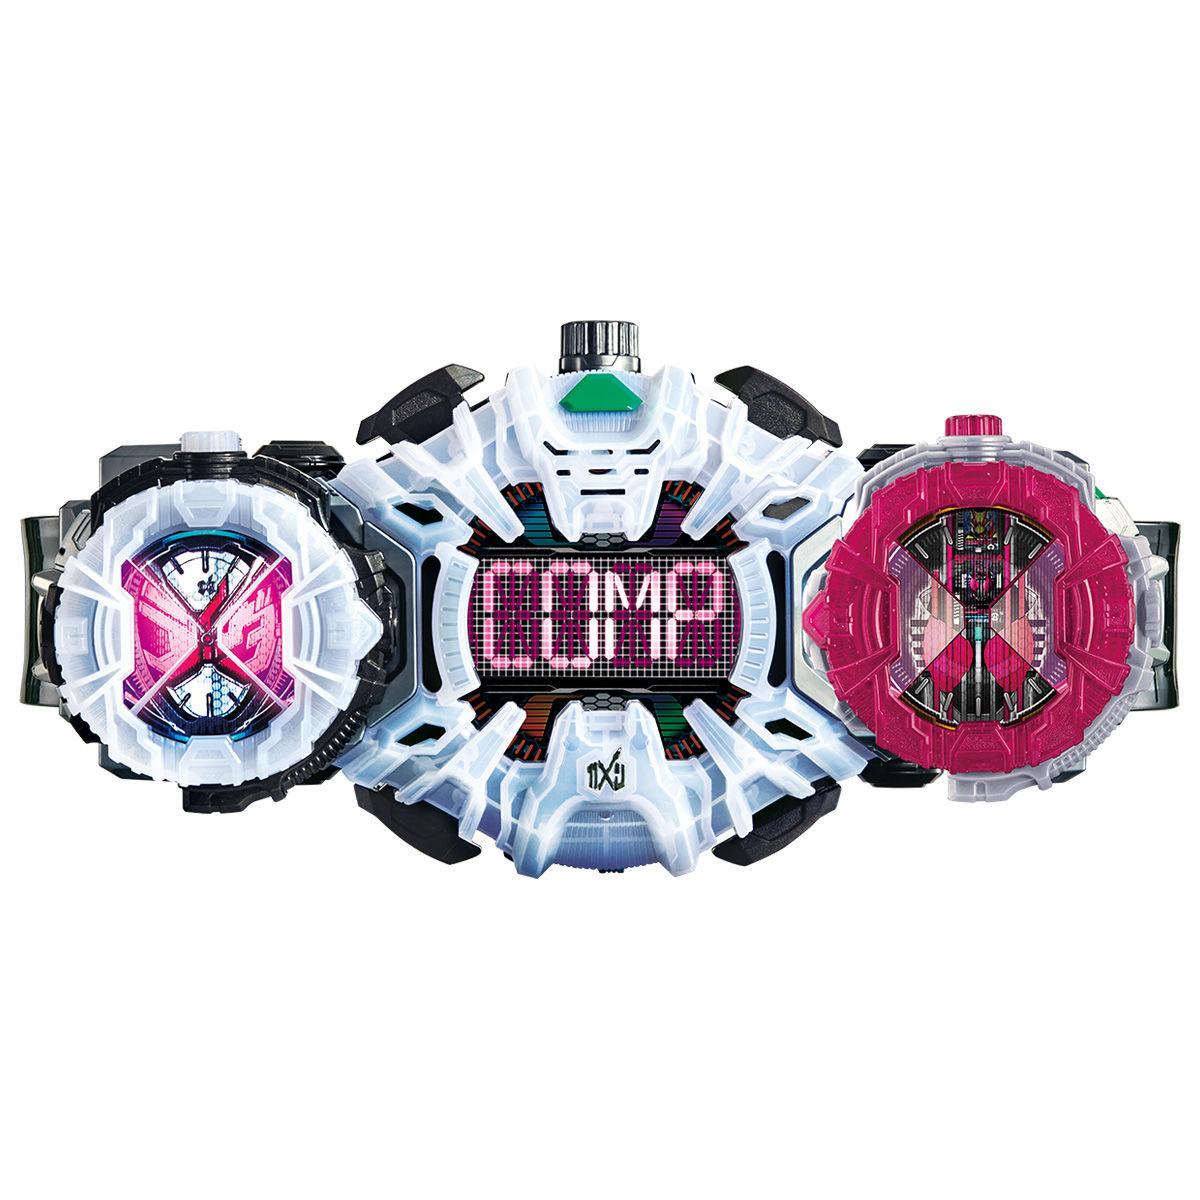 【限定販売】仮面ライダージオウ『DXネオディケイドライバー&ケータッチ21』変身なりきり-009